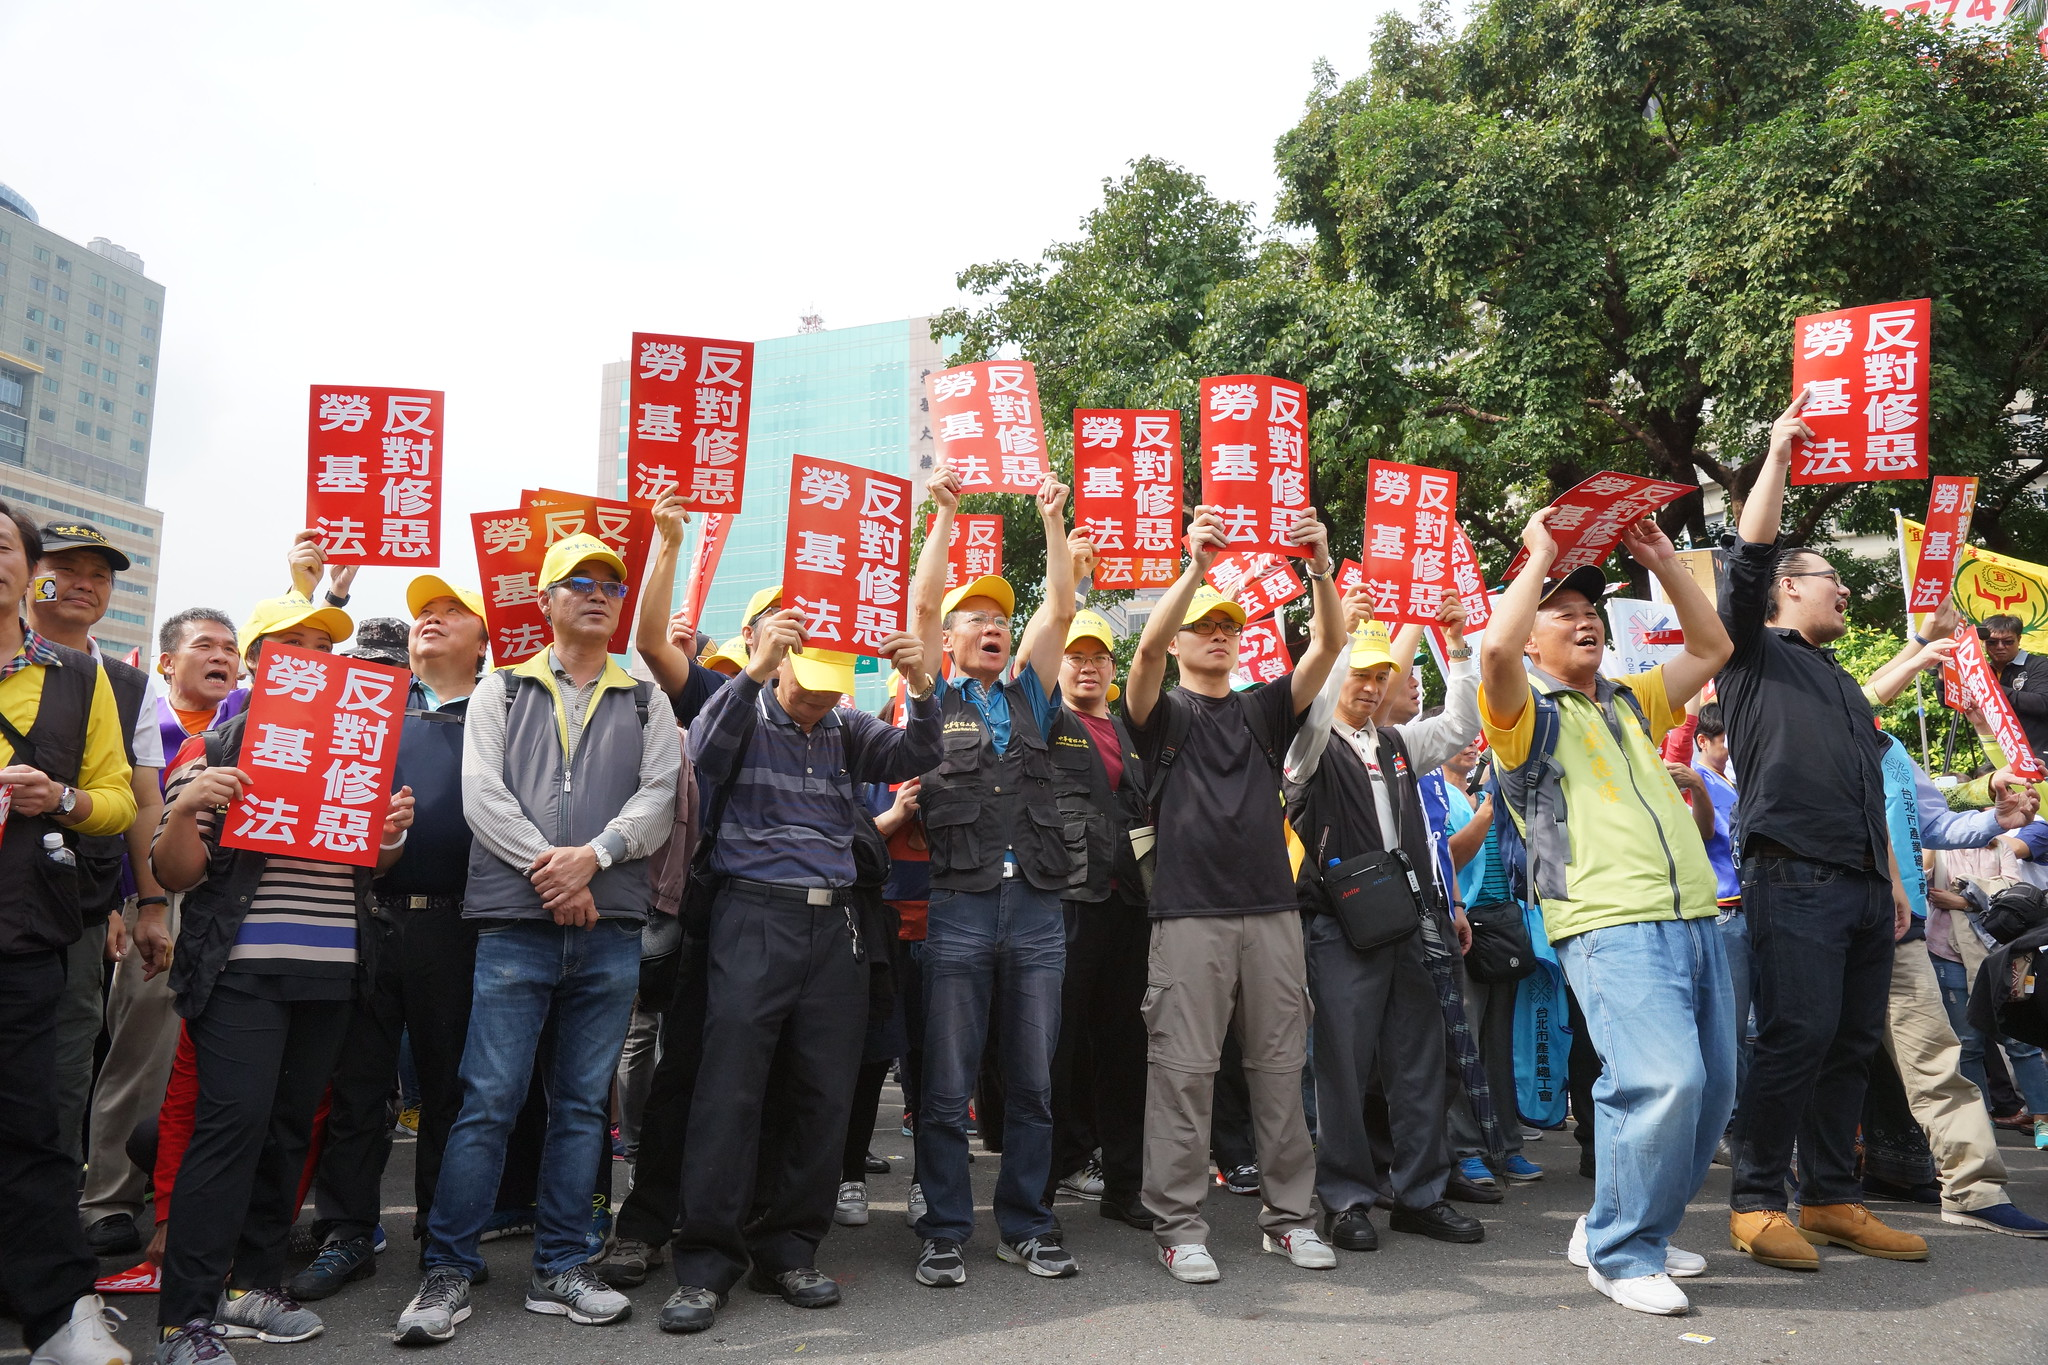 工會高舉「反對修惡勞基法」標語。(攝影:王顥中)